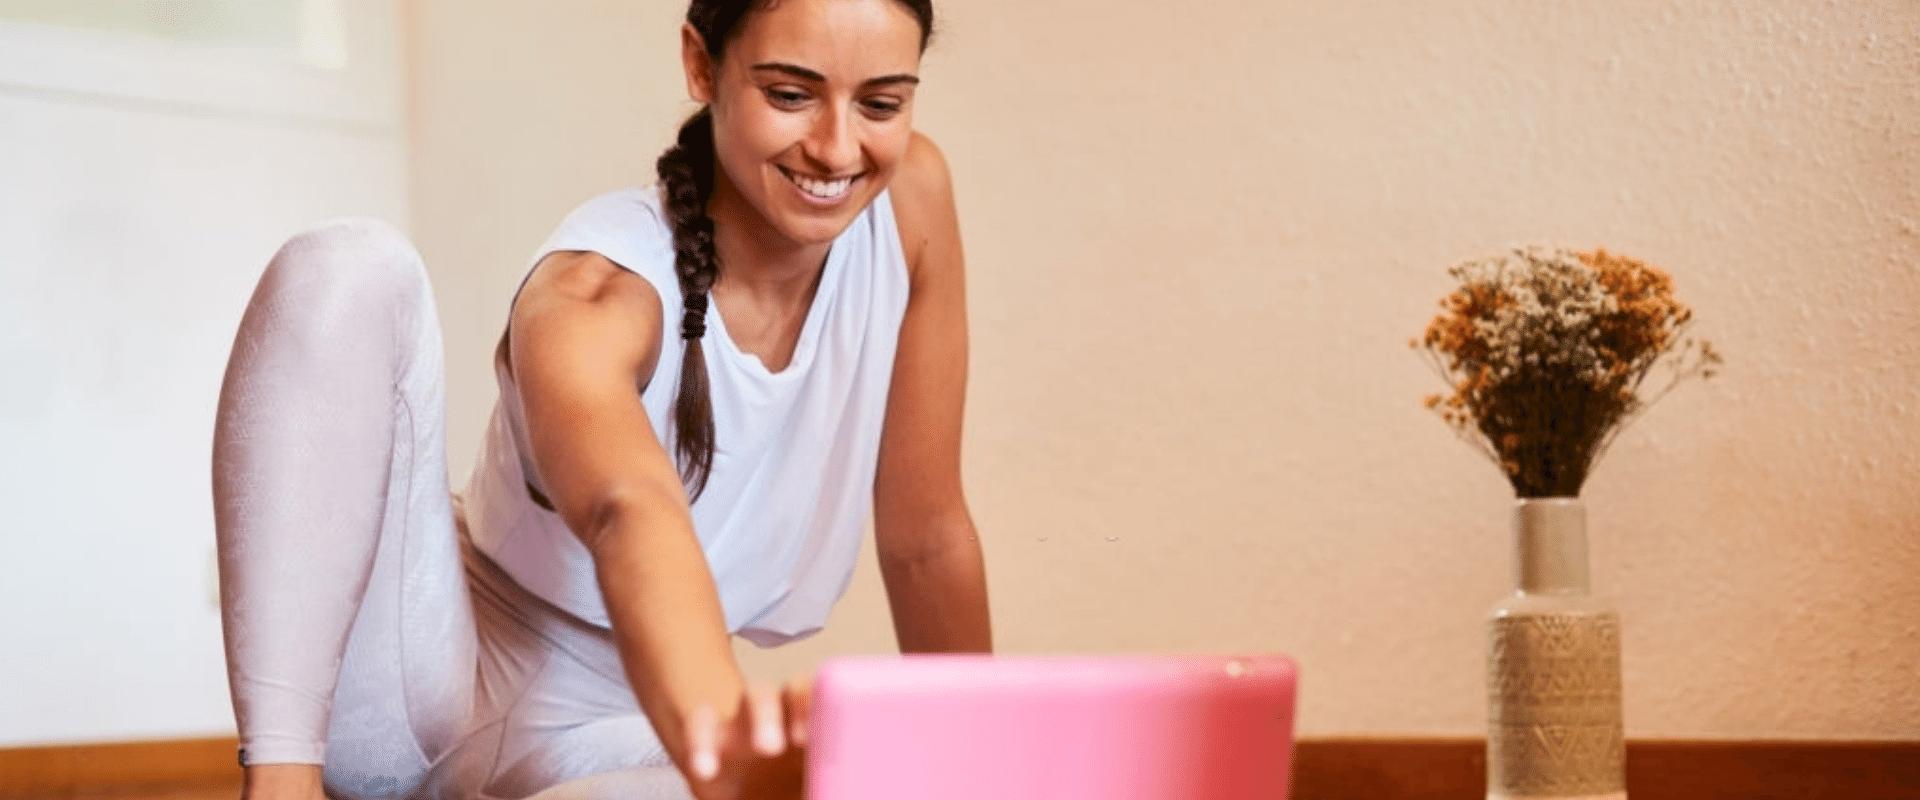 Consells per entrenar des de casa amb Nova Icària Virtual